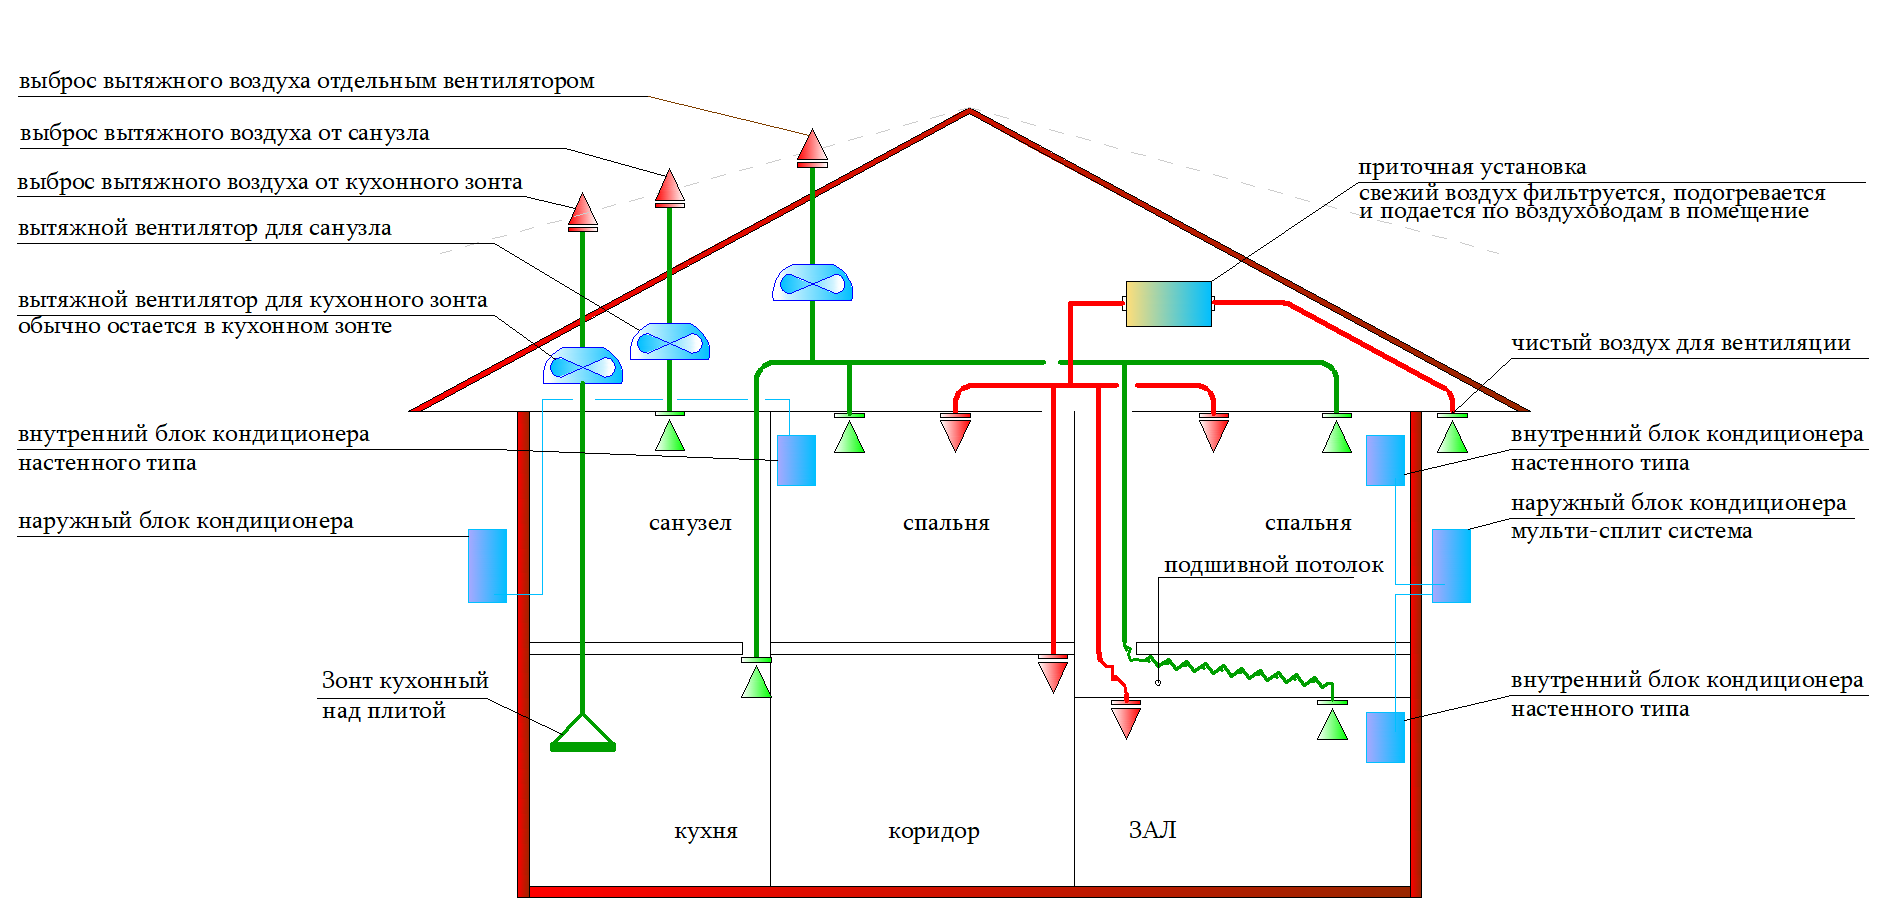 Схема приточной и вытяжной вентиляции дома без рекуператора